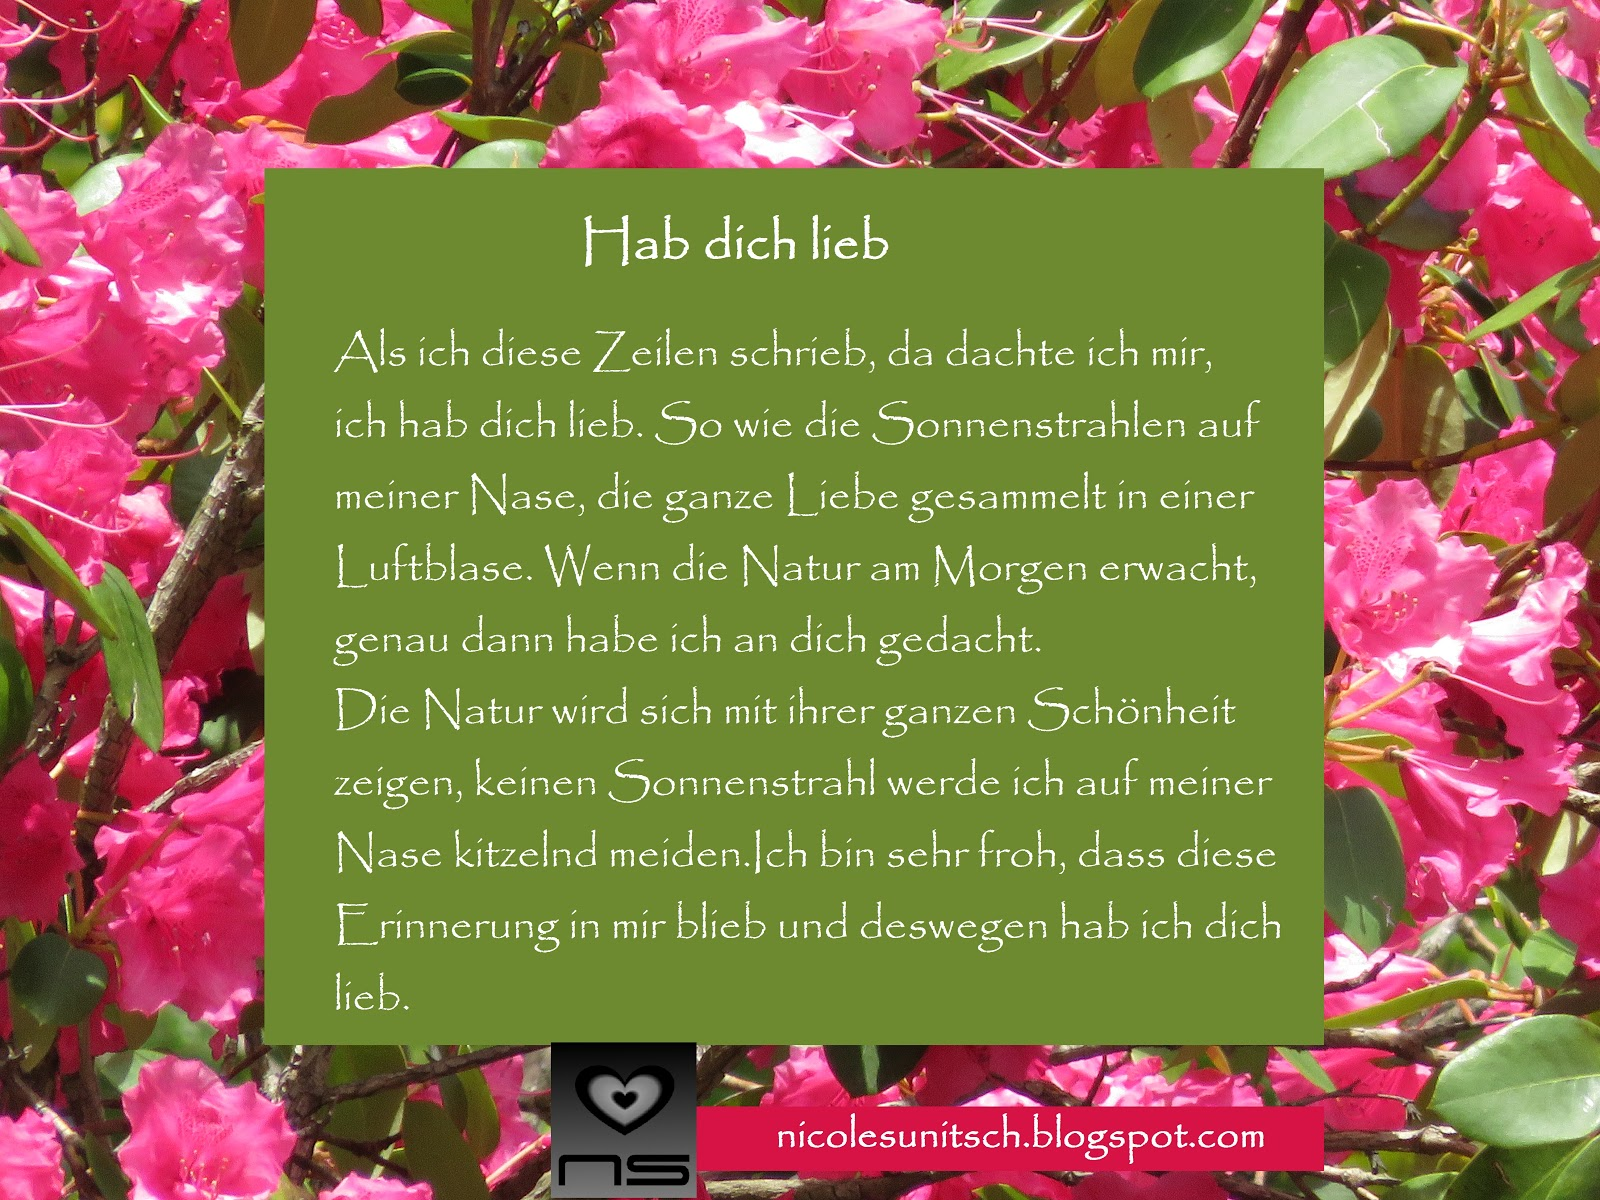 Gedichte von Nicole Sunitsch - Autorin : Hab dich lieb